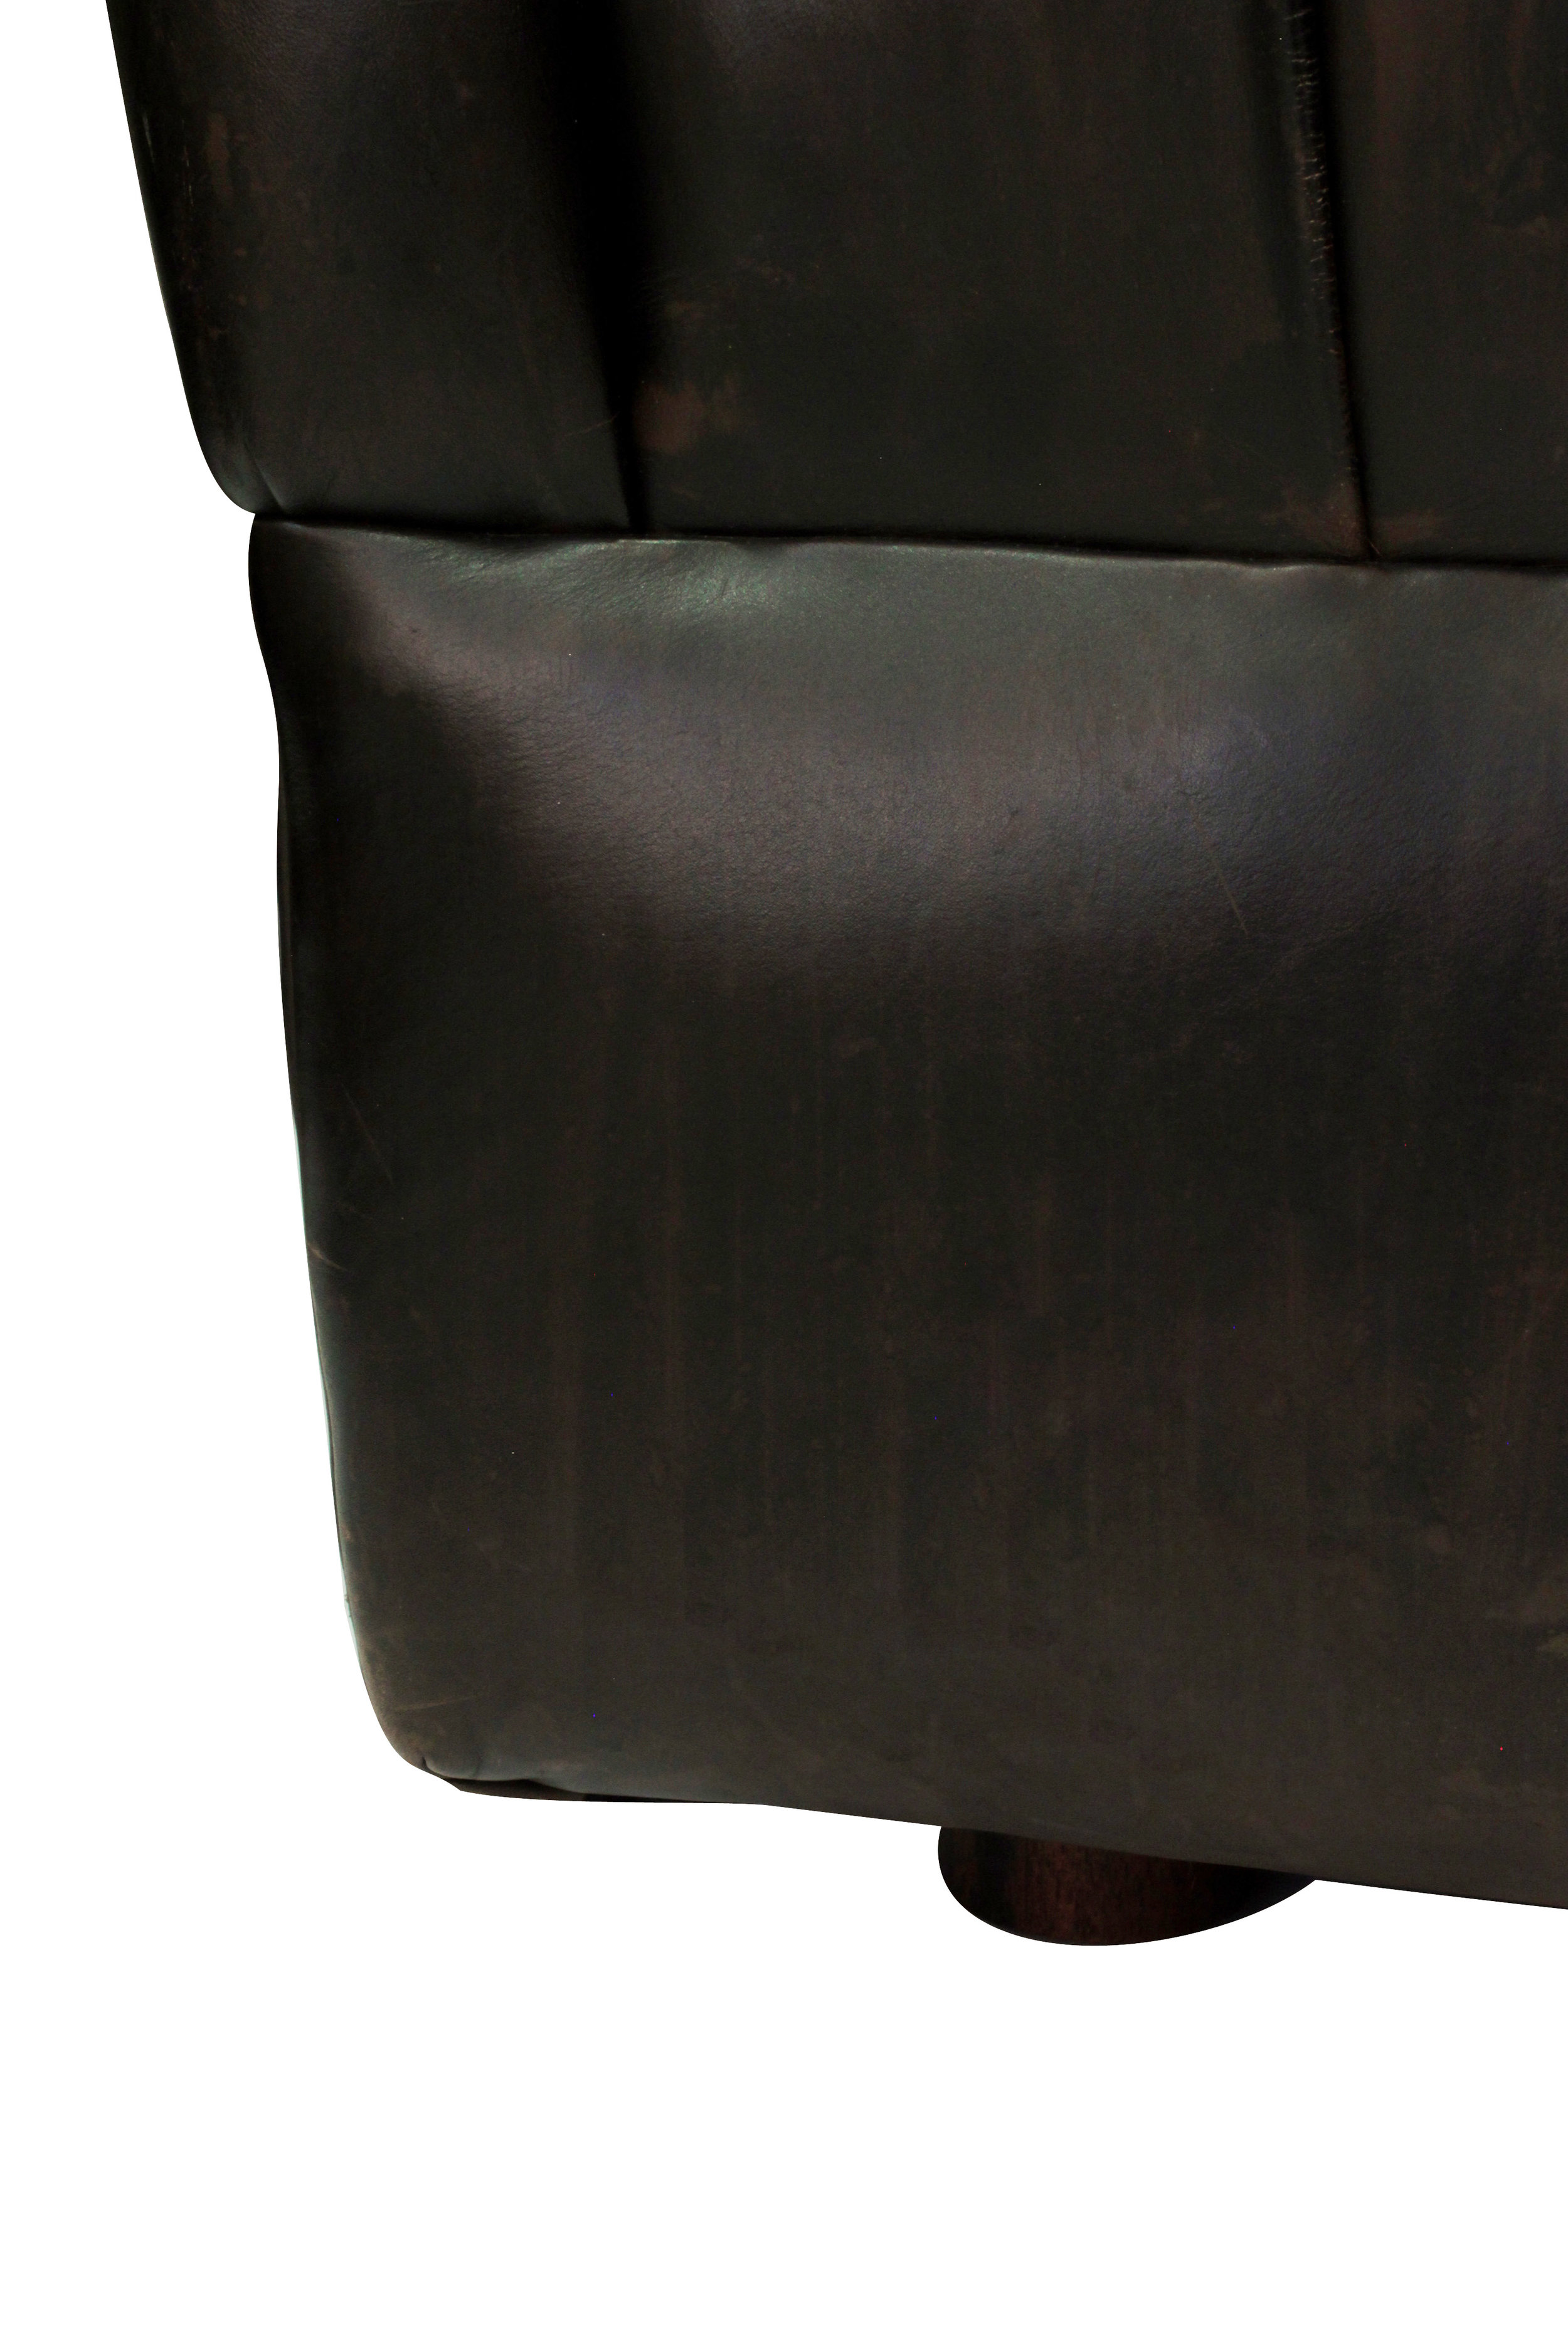 Bennett 85 tufted drk brown sofa82 detail5 hires.JPG